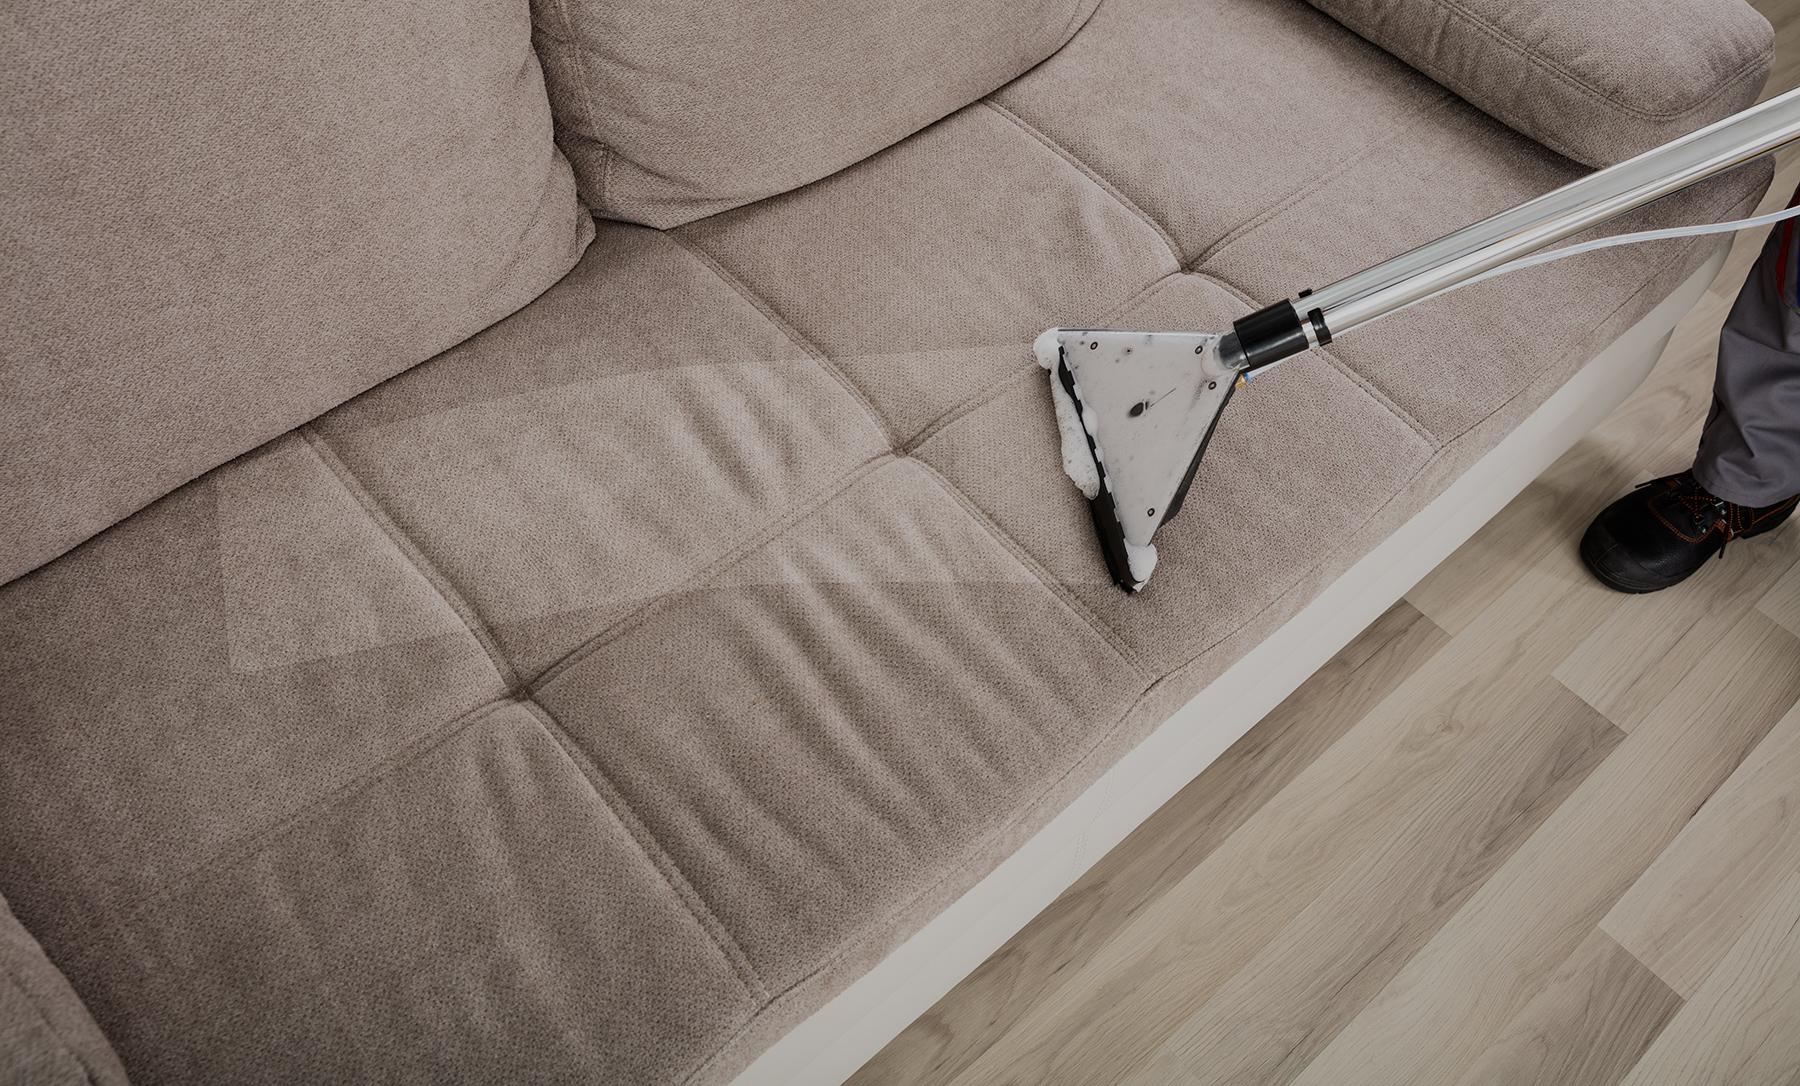 Nettoyer Fauteuil En Cuir nettoyage canapé paris | tÉl : 06.27.27.55.16 | anong clean